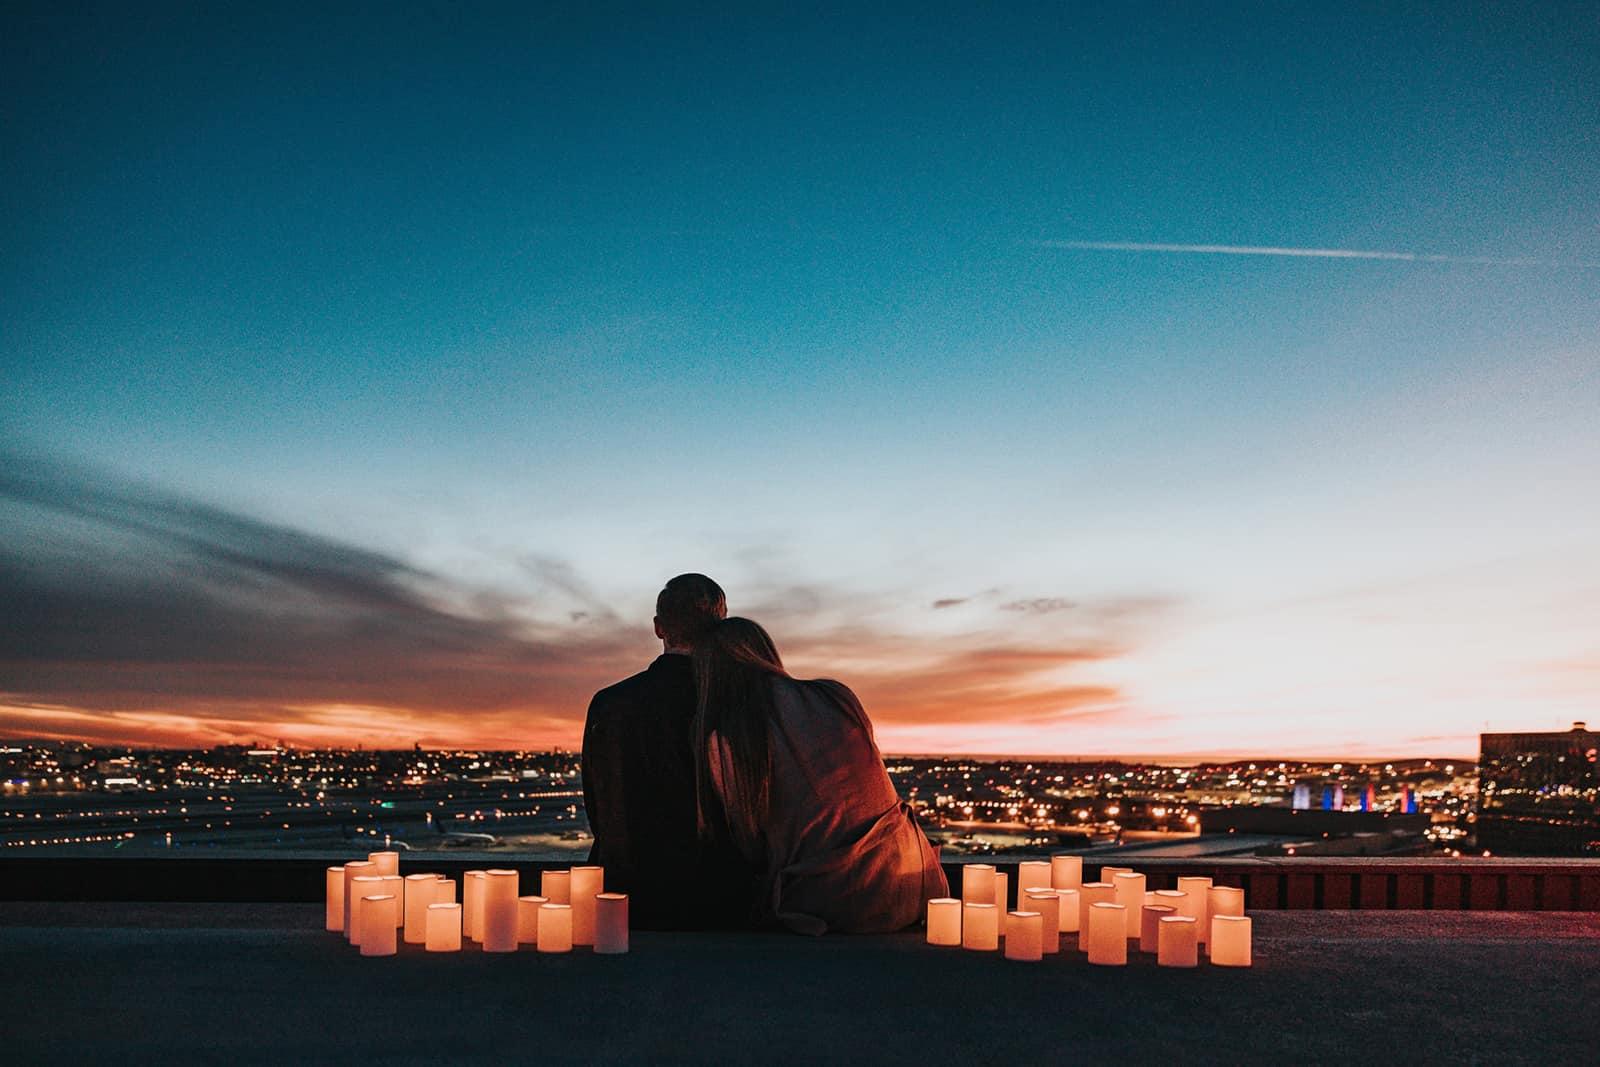 ein Paar sitzt auf dem Beton, umgeben von Kerzen